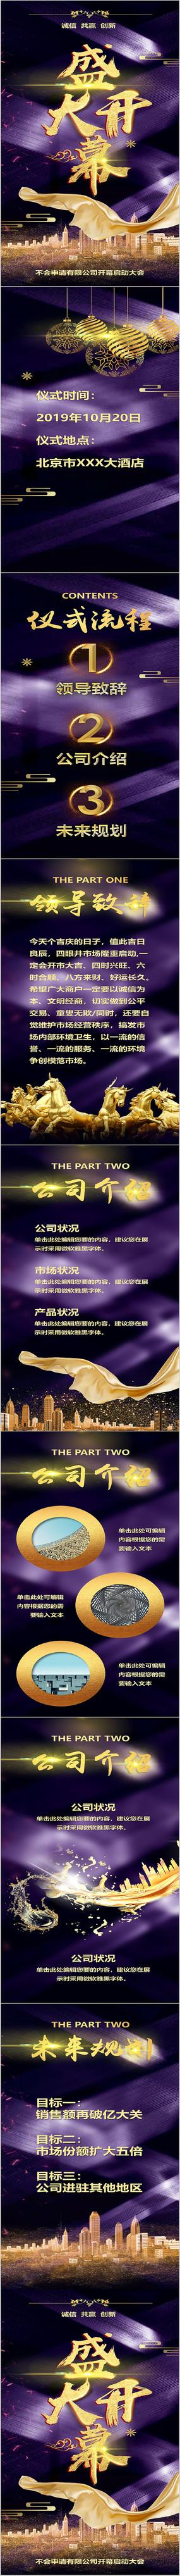 奢华紫金粒子片头开幕仪式启动大会典礼PPT